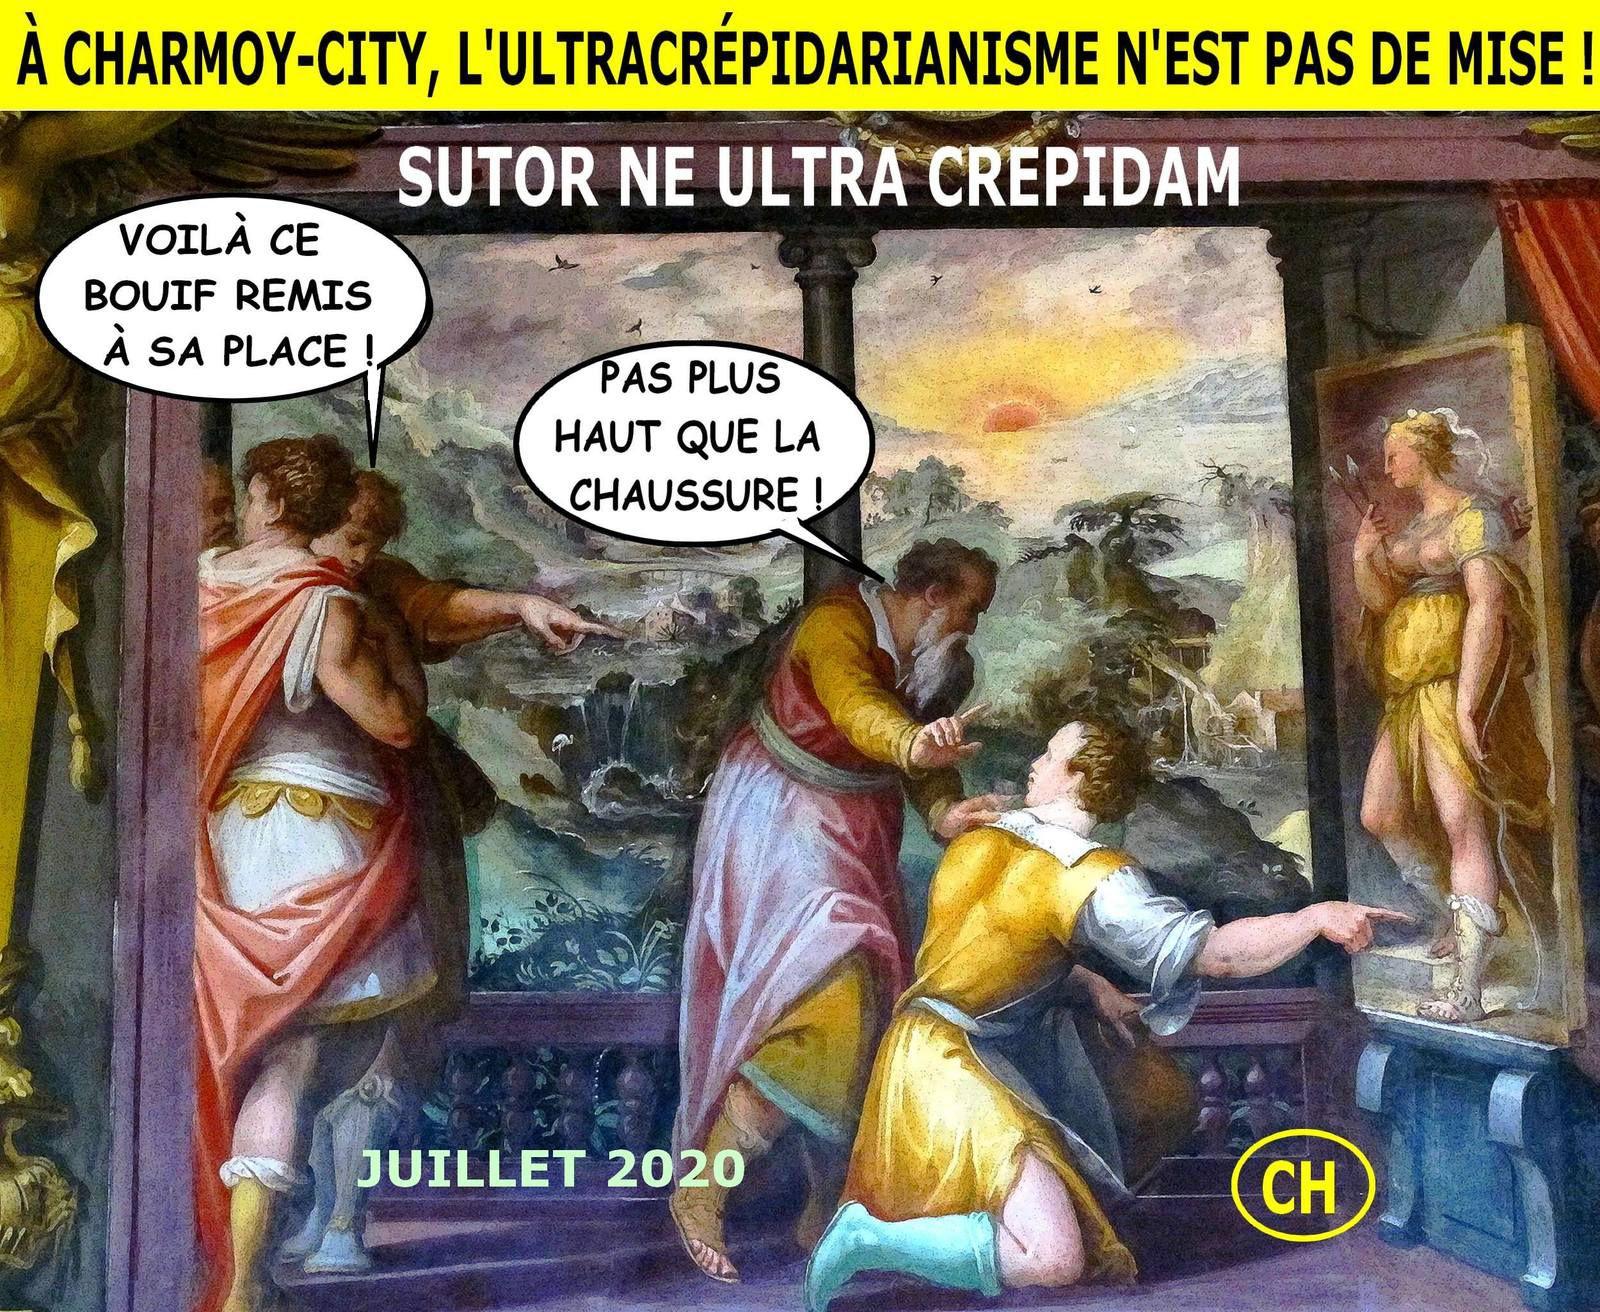 À Charmoy-City, l'ultracrépidarianisme n'est pas de mise.jpg